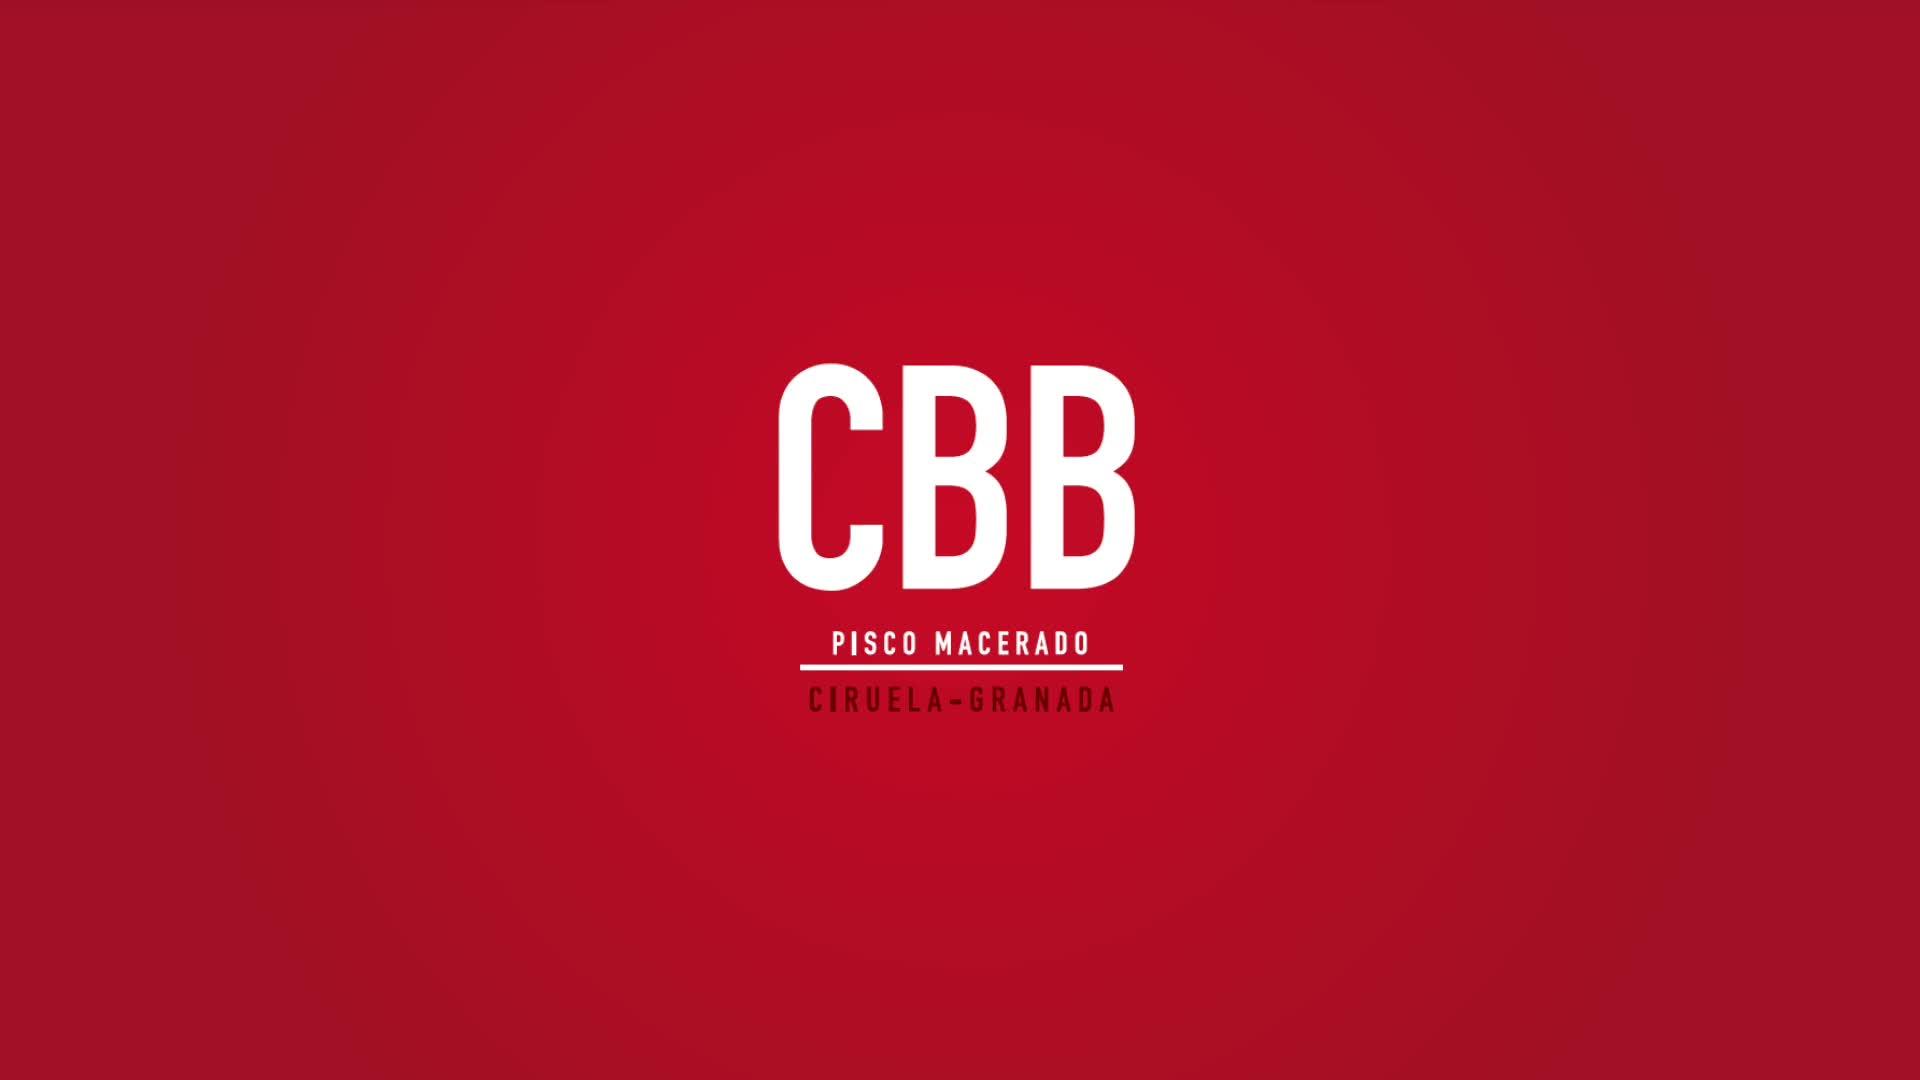 CBB GIFs